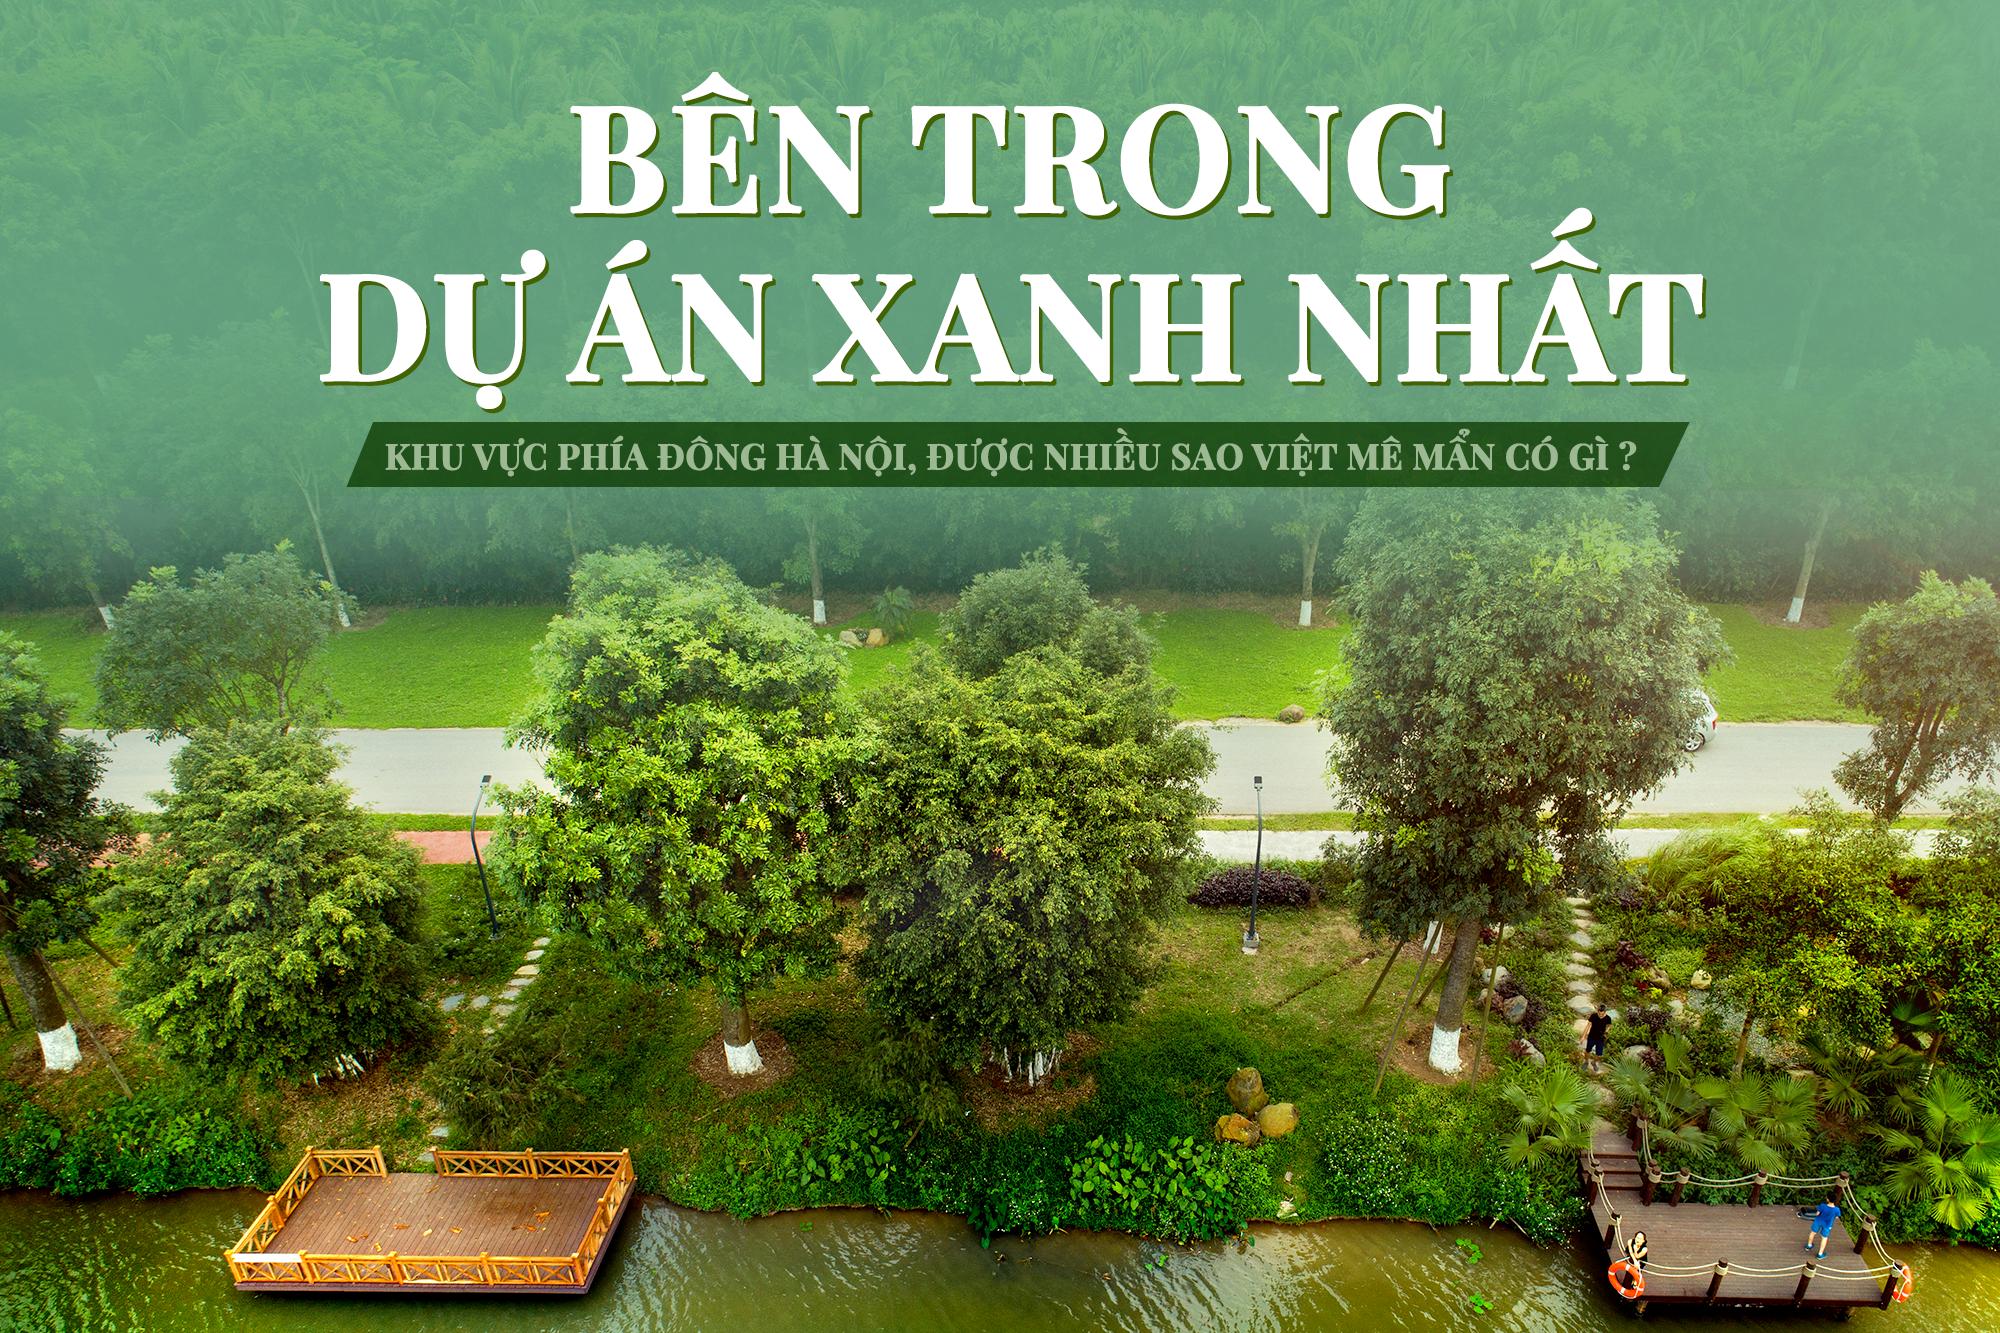 Bên trong dự án xanh nhất khu vực phía Đông Hà Nội, được nhiều sao Việt mê mẩn có gì? - Ảnh 1